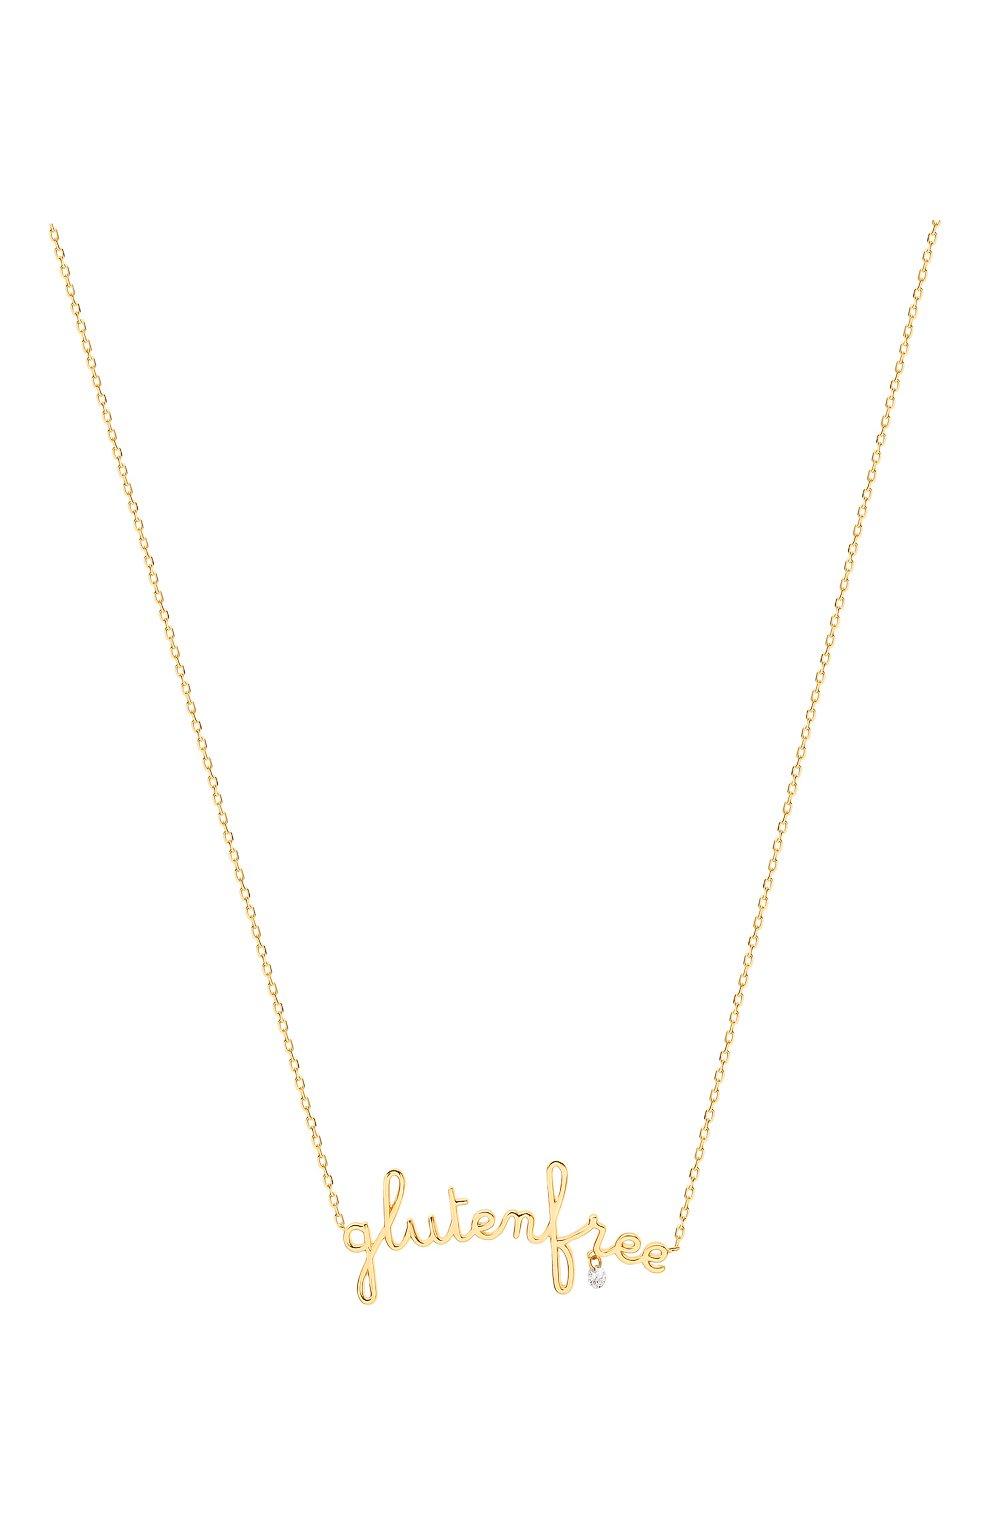 Женские колье PERSEE PARIS бесцветного цвета, арт. N7362-YG | Фото 2 (Драгоценные камни: Бриллианты; Материал сплава: Желтое золото)